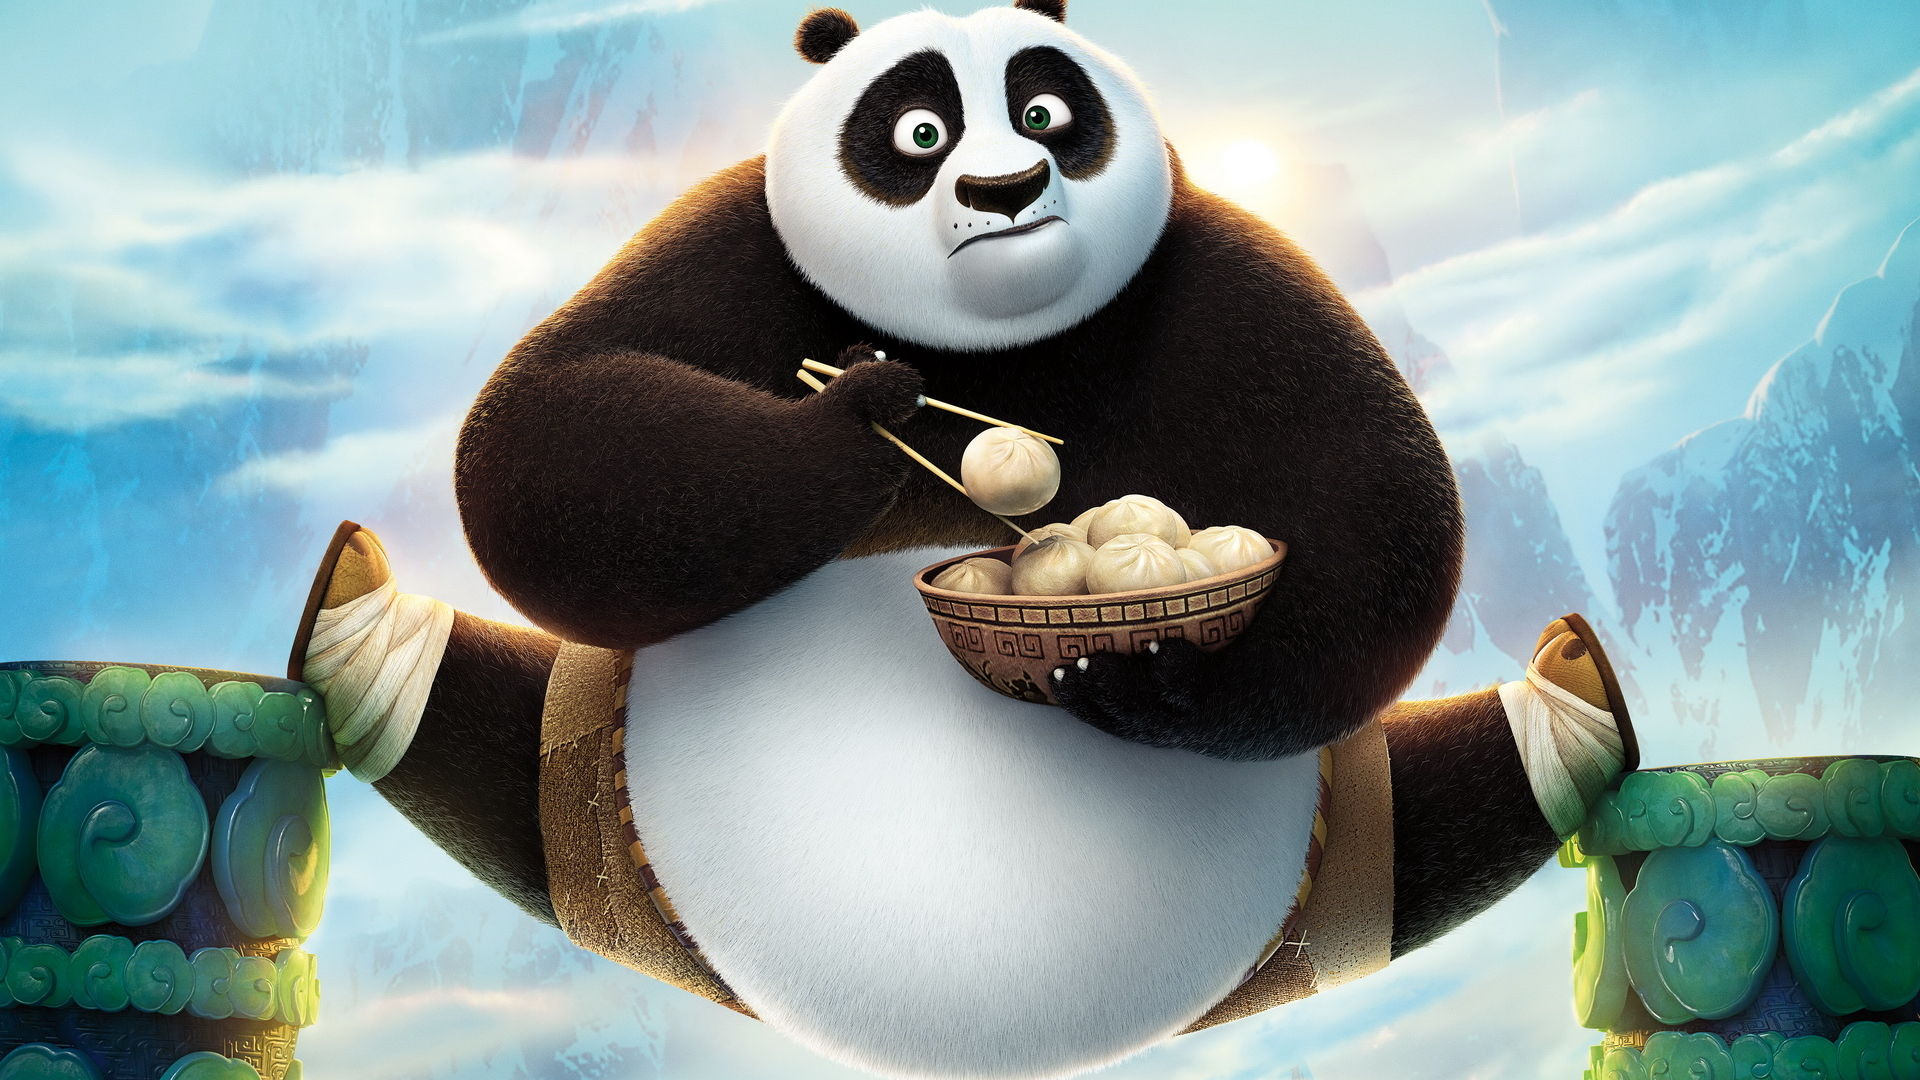 《功夫熊猫3》动漫卡通ppt背景图片下载